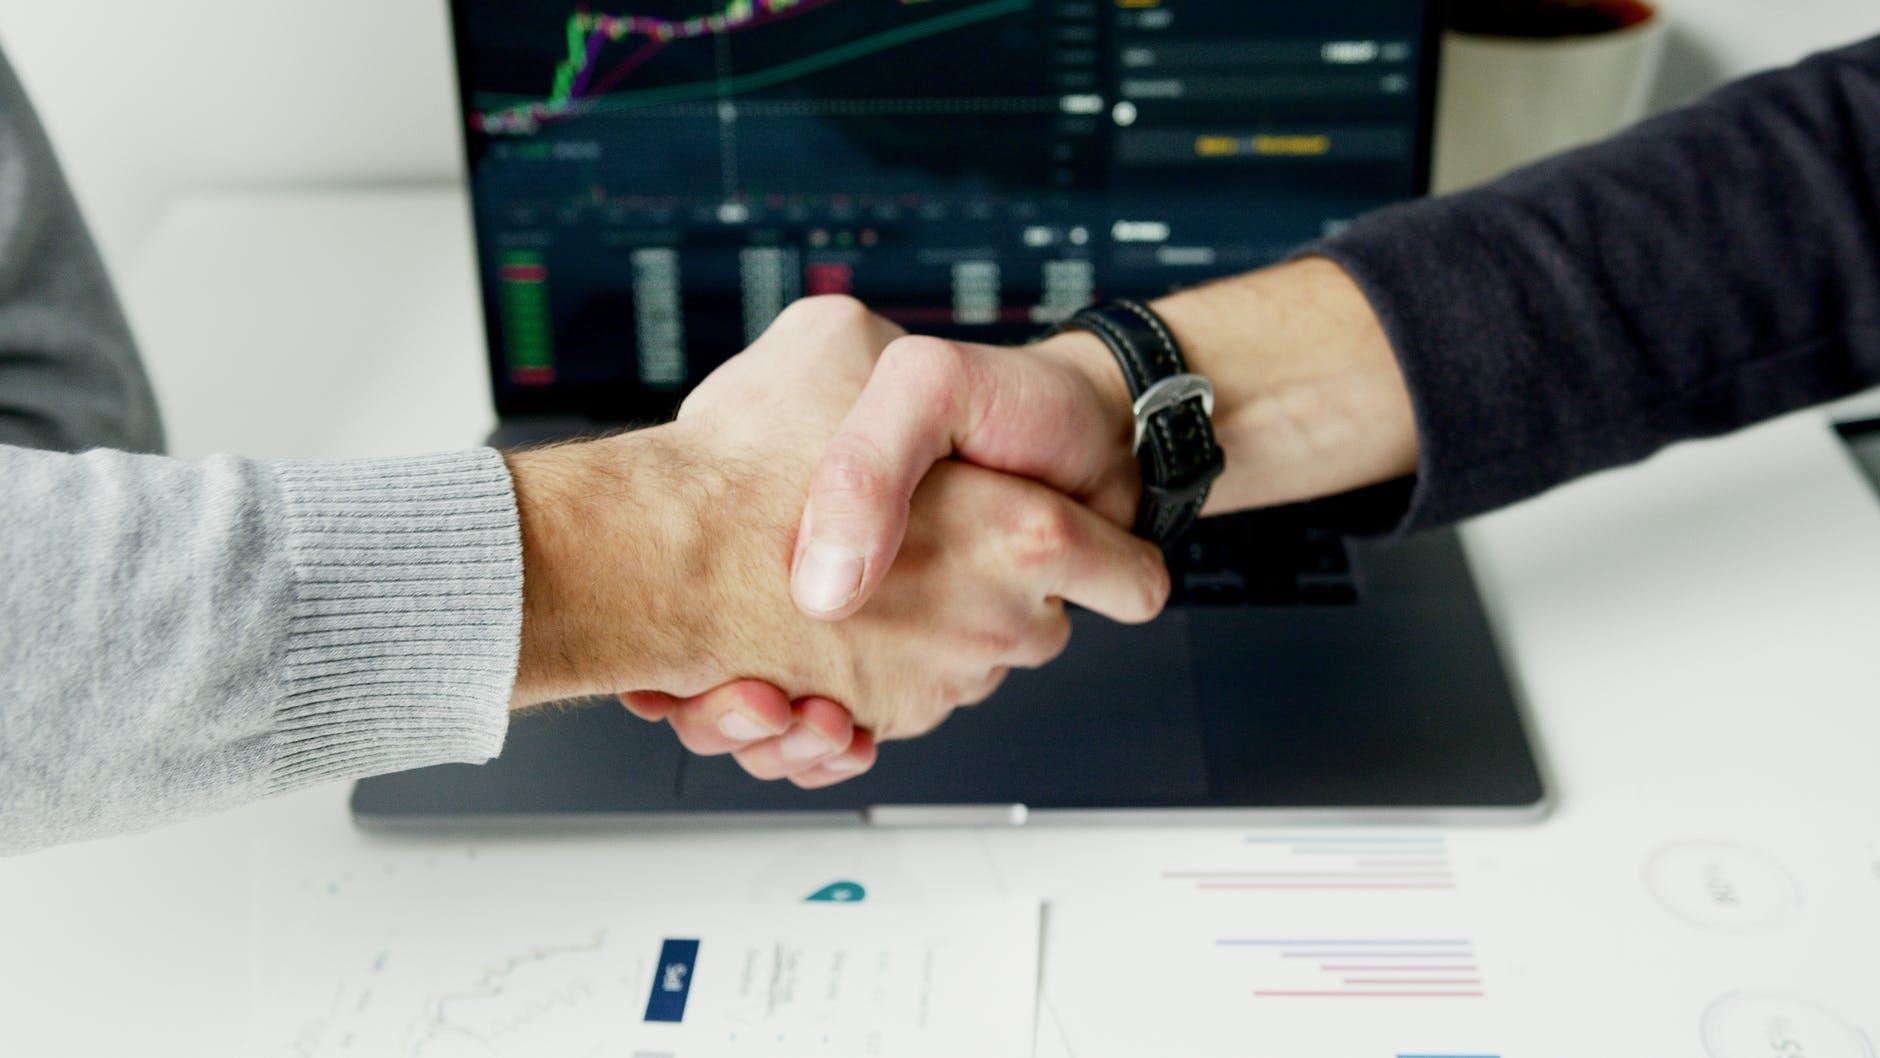 Brokerzy kryptowalut - co warto wiedzieć? - Zdjęcie główne